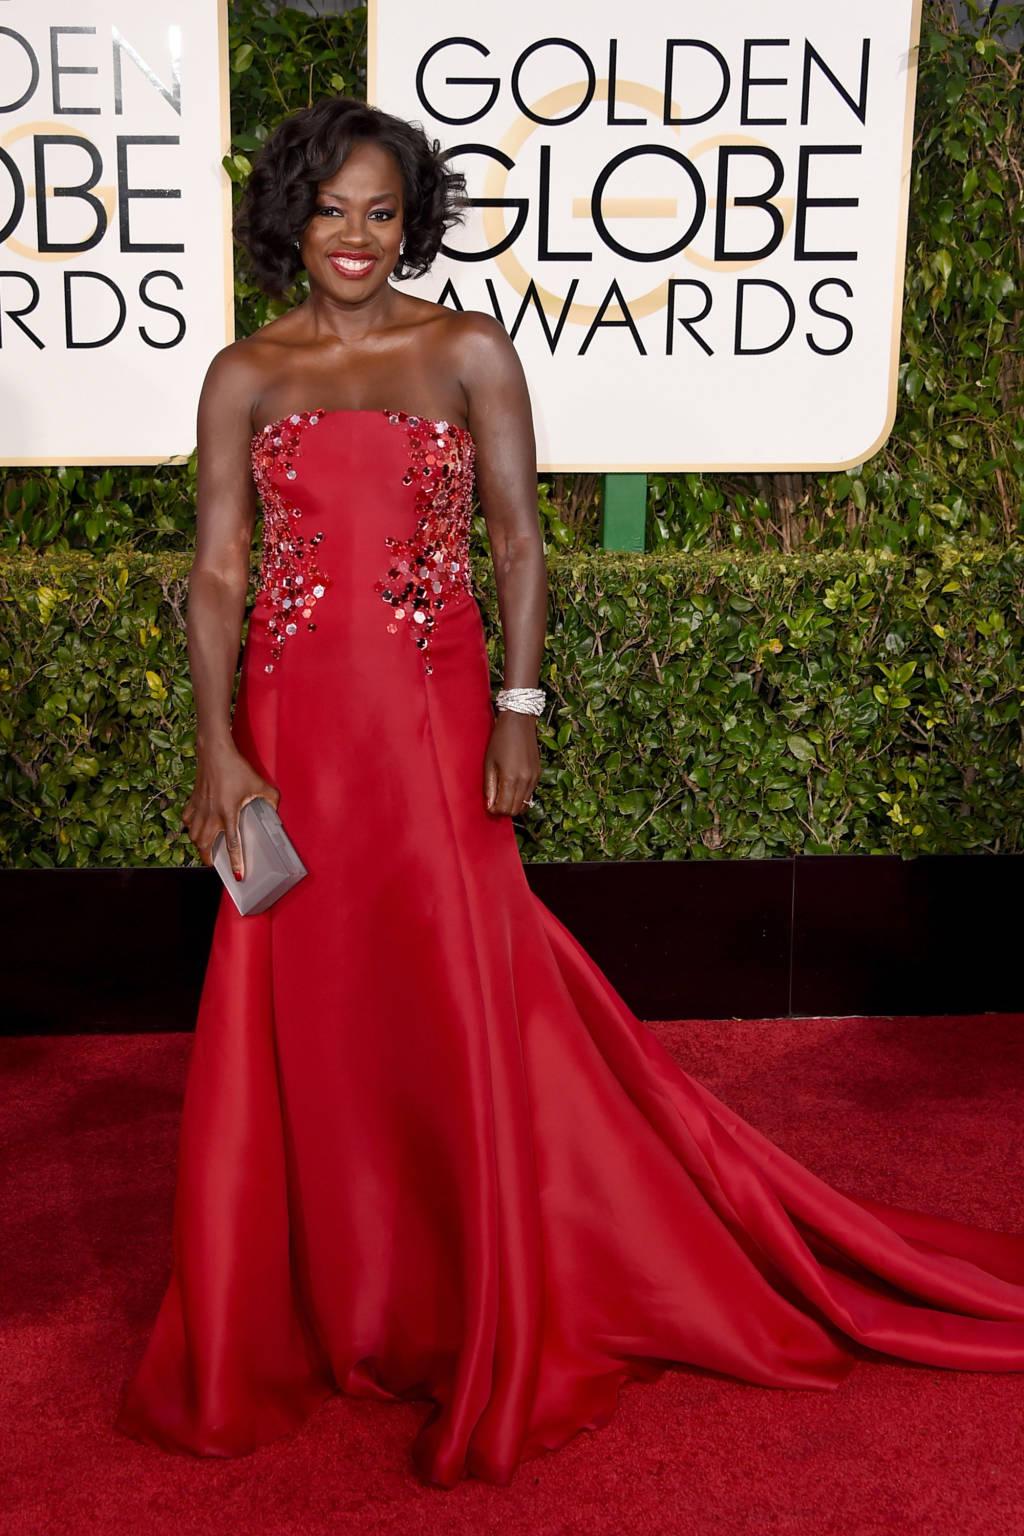 Κόκκινο Φόρεμα 2015